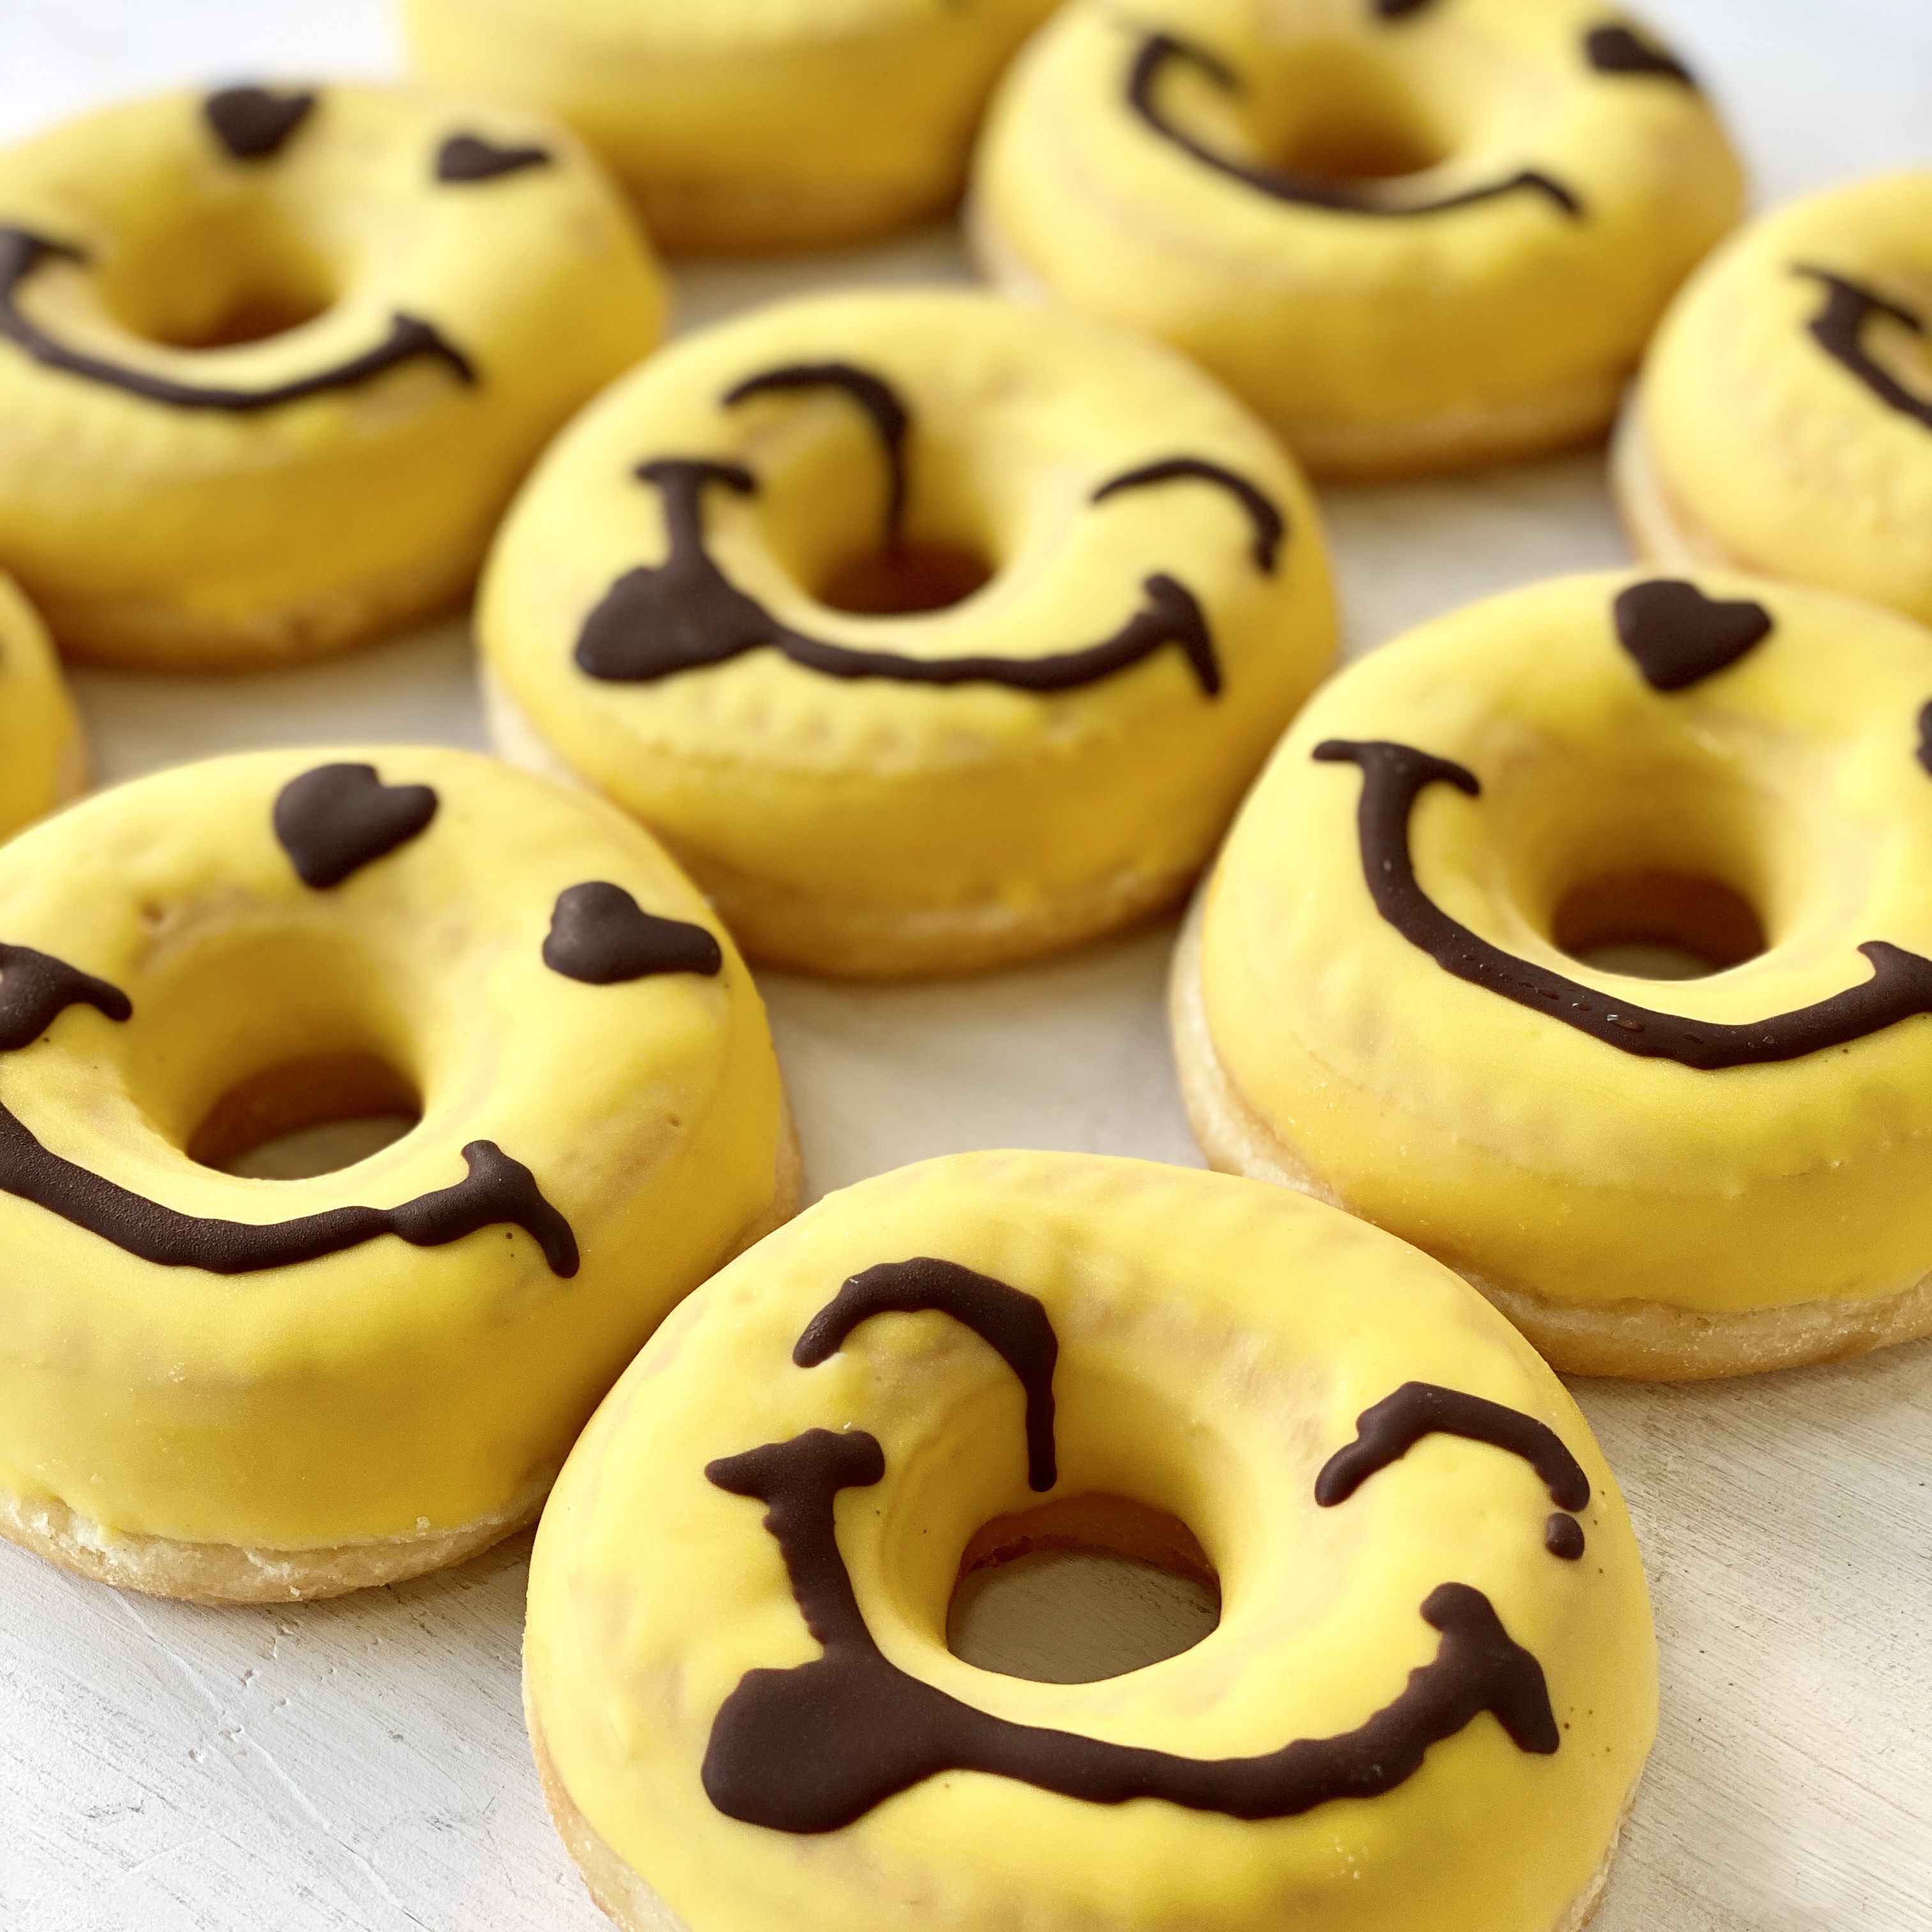 """Пончик """"Joy"""" с жёлтой кондитерской глазурью (Польша, 684гр)"""